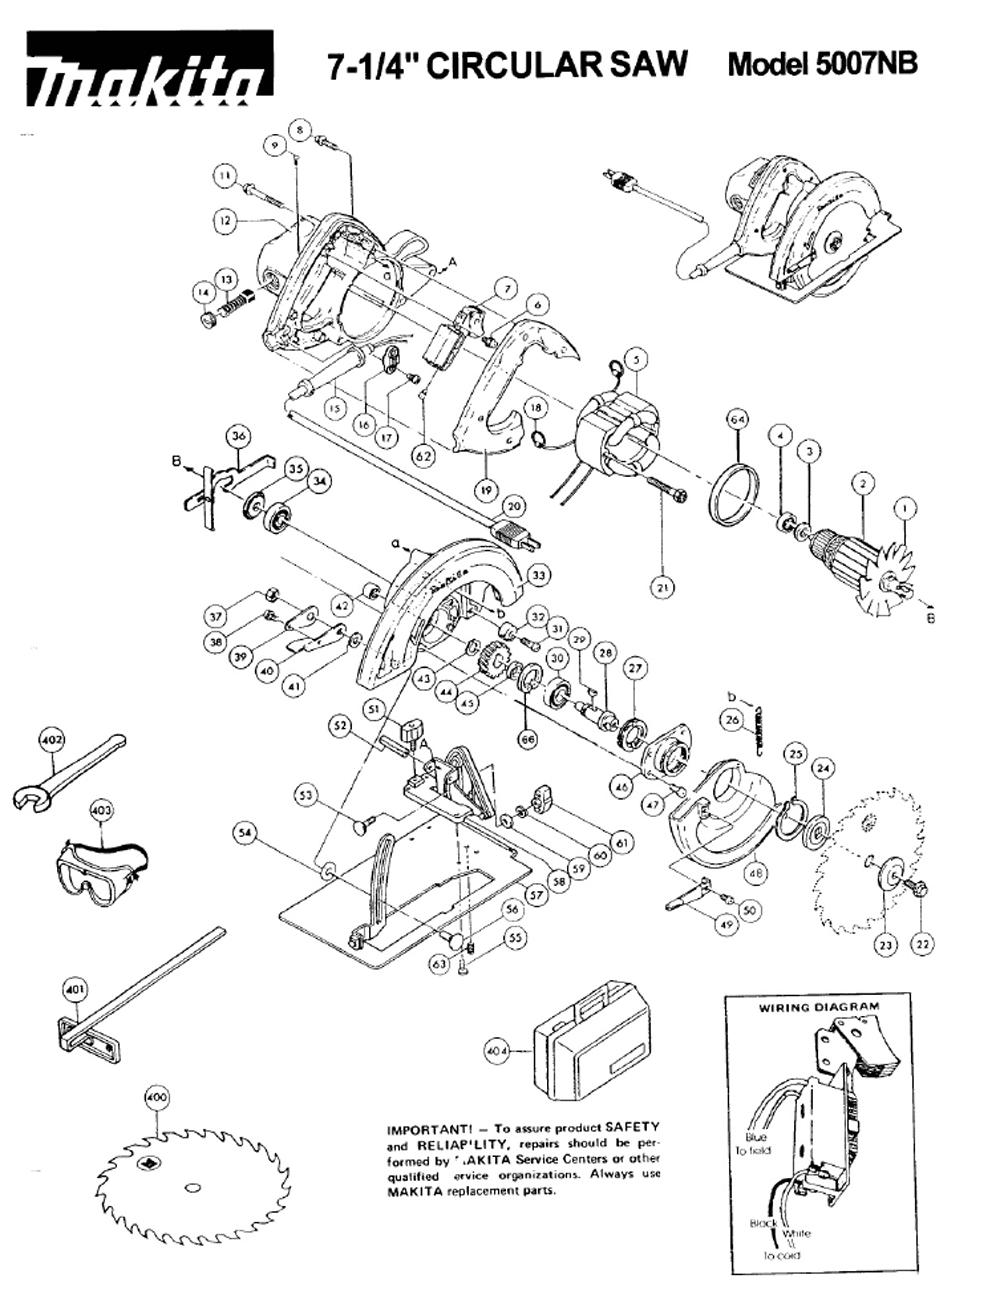 Buy Makita 5007nb Replacement Tool Parts